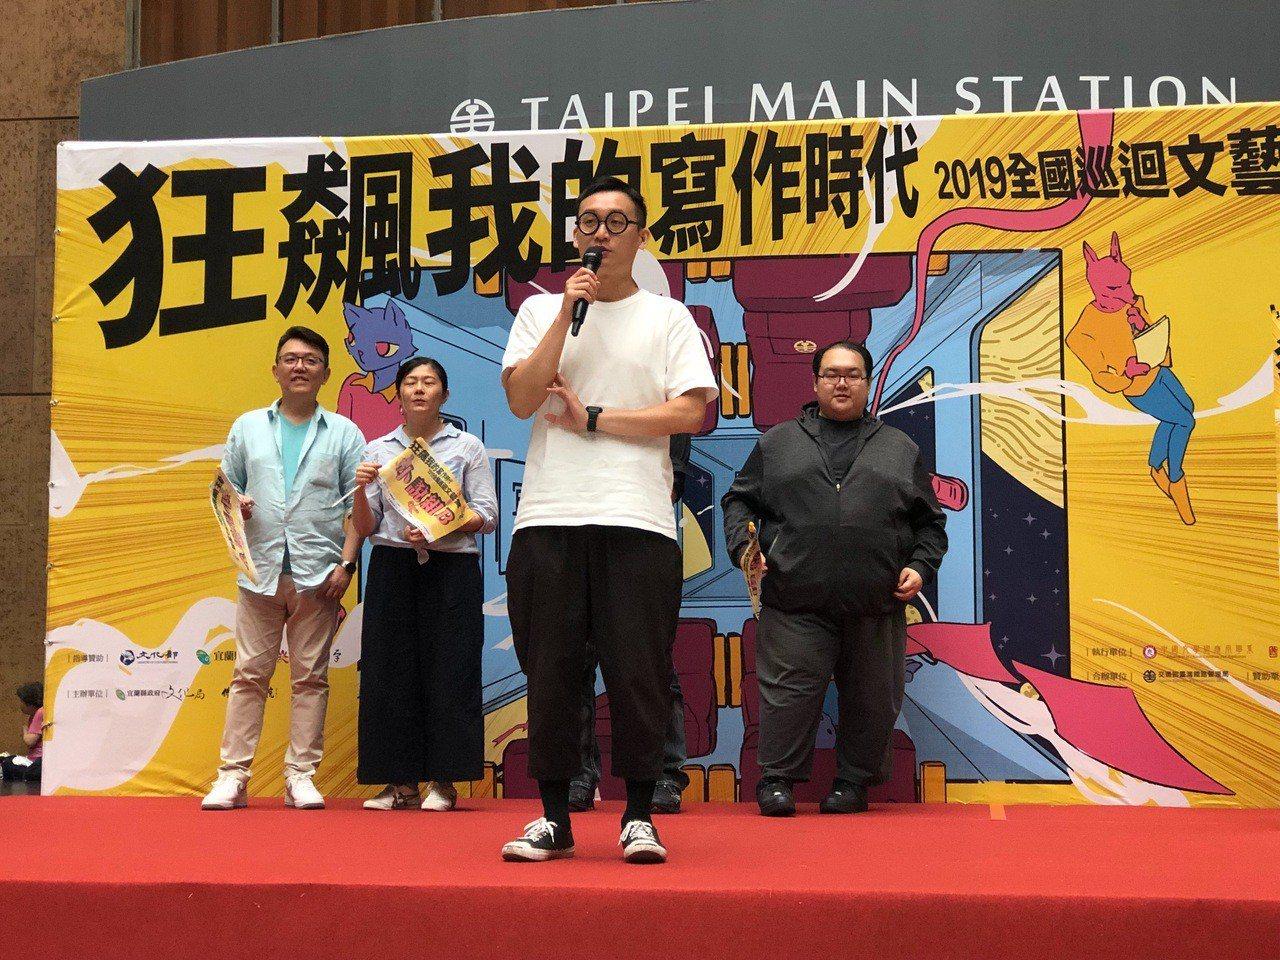 文藝營導師向學員喊話。記者曹悅華/攝影